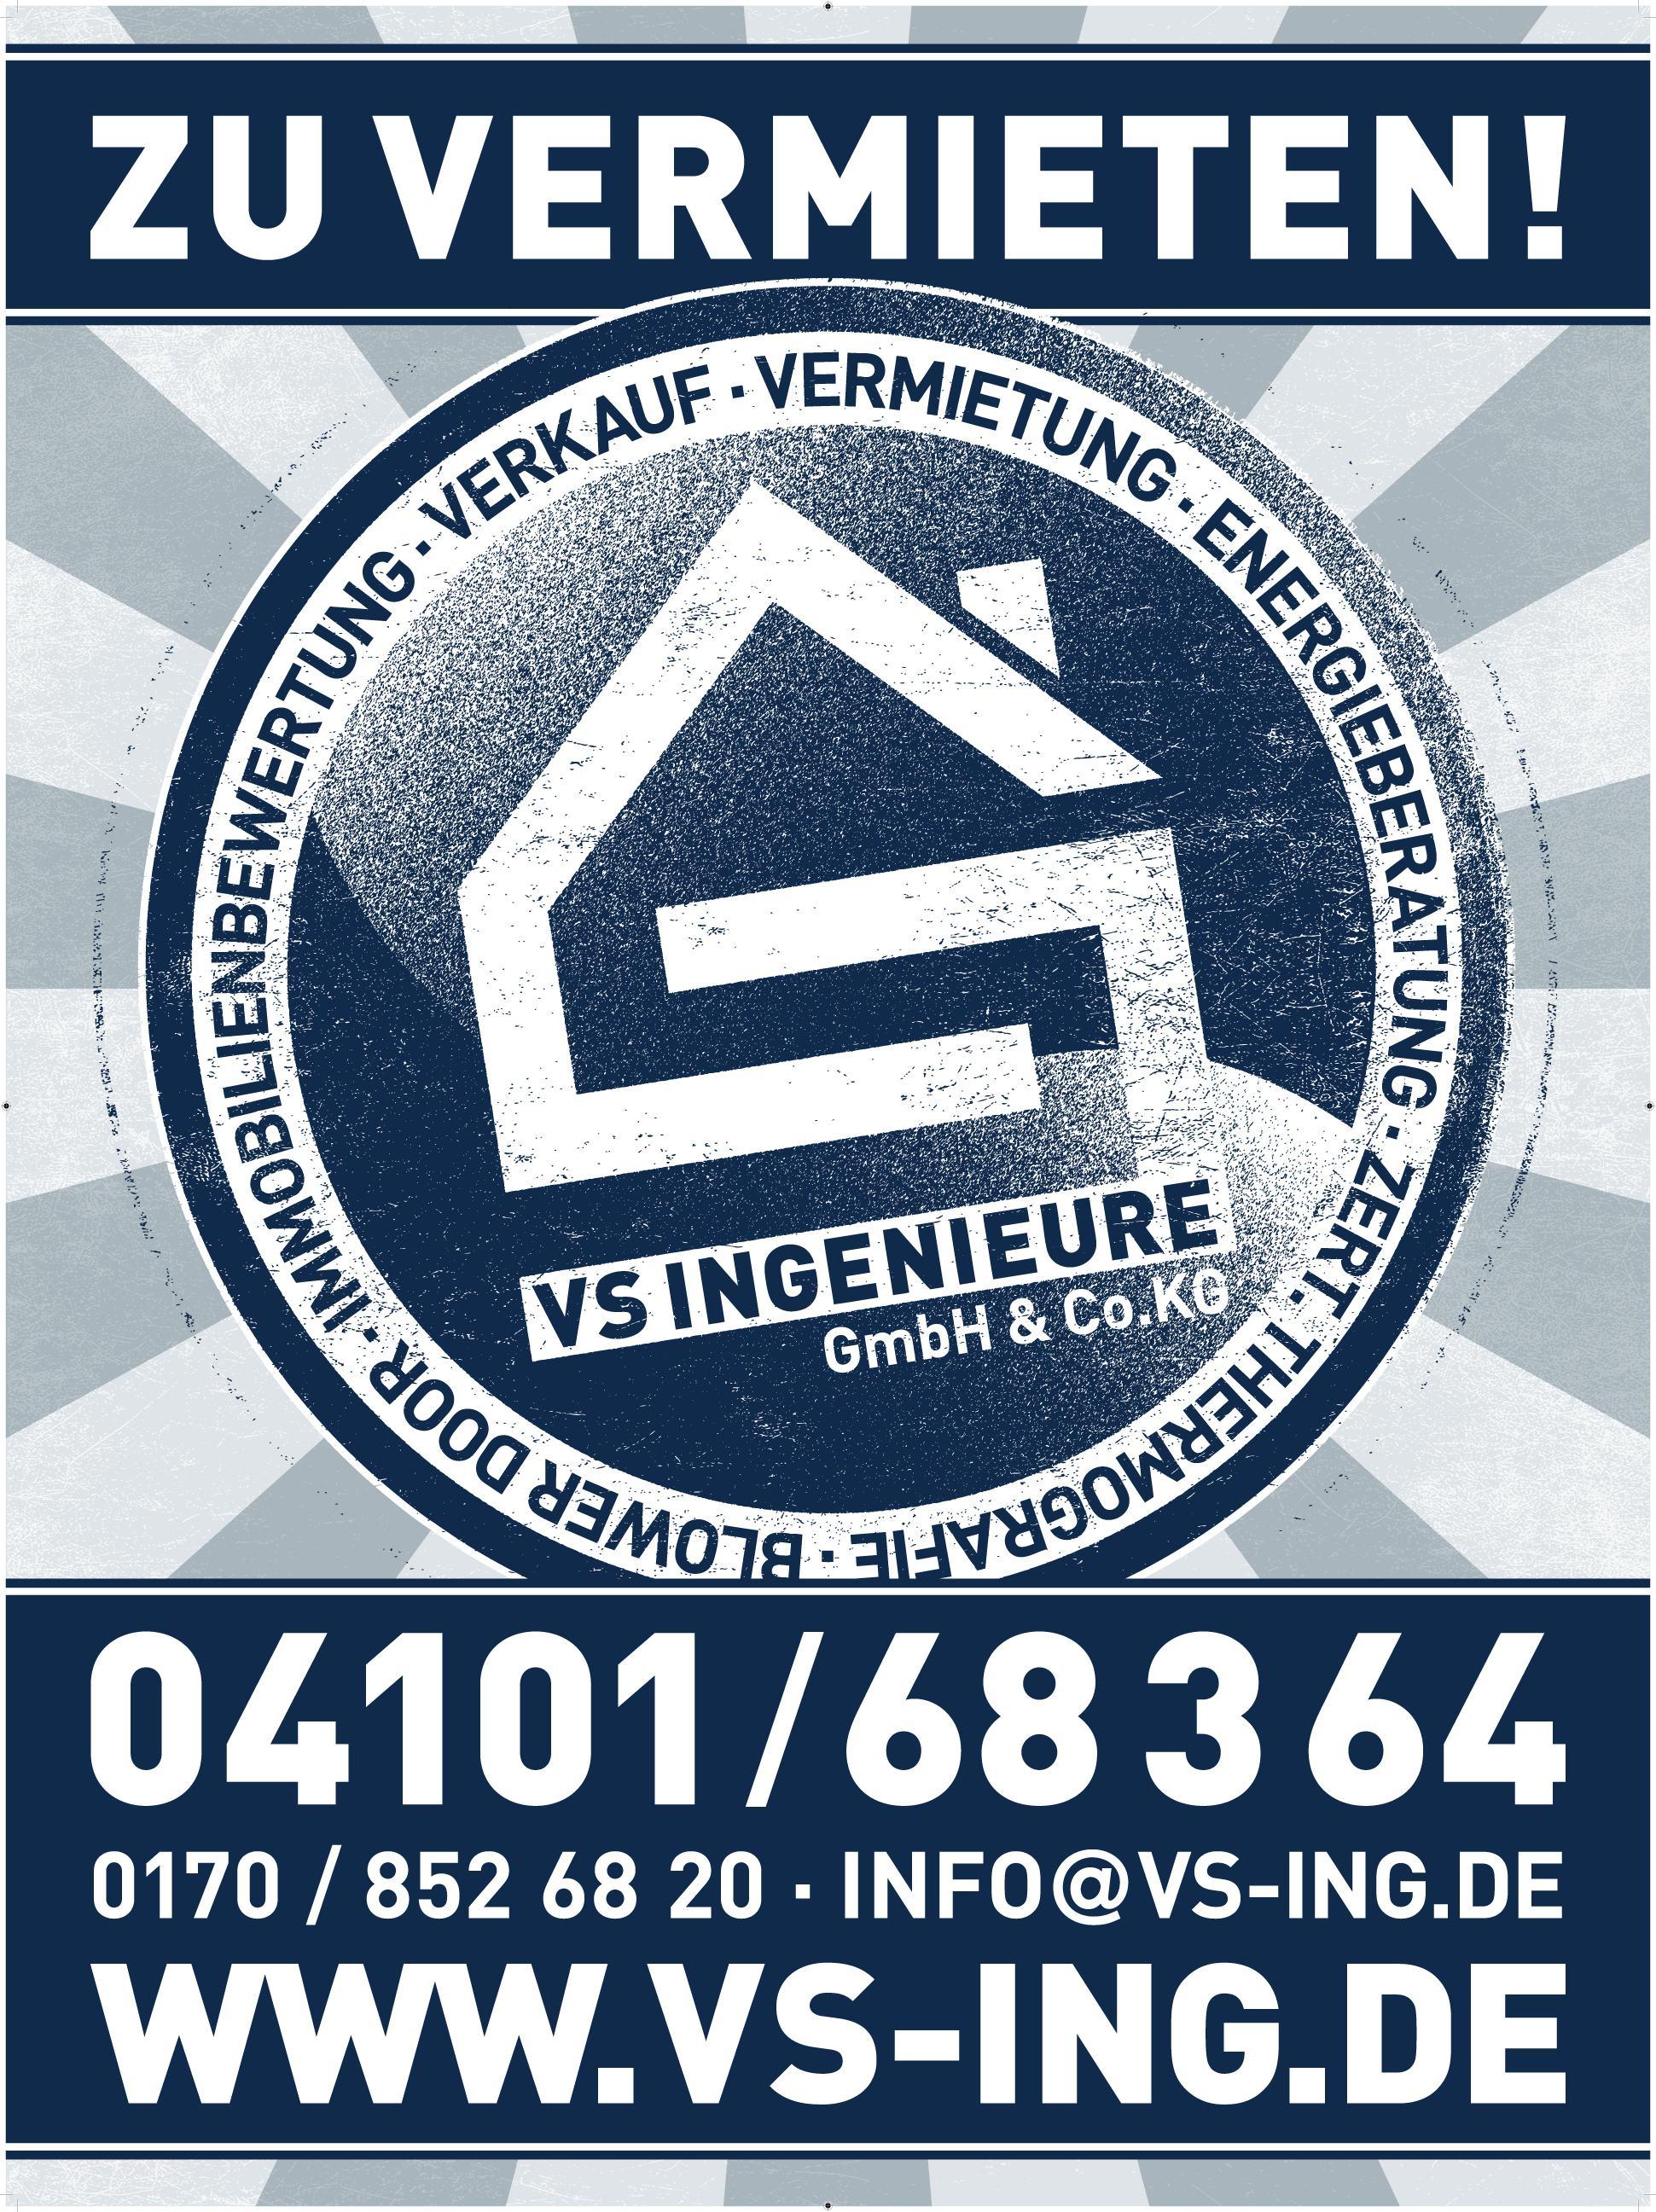 Vermietung Hambug, Elmshorn Pinneberg Haus Wohnung Thermografie blower Door